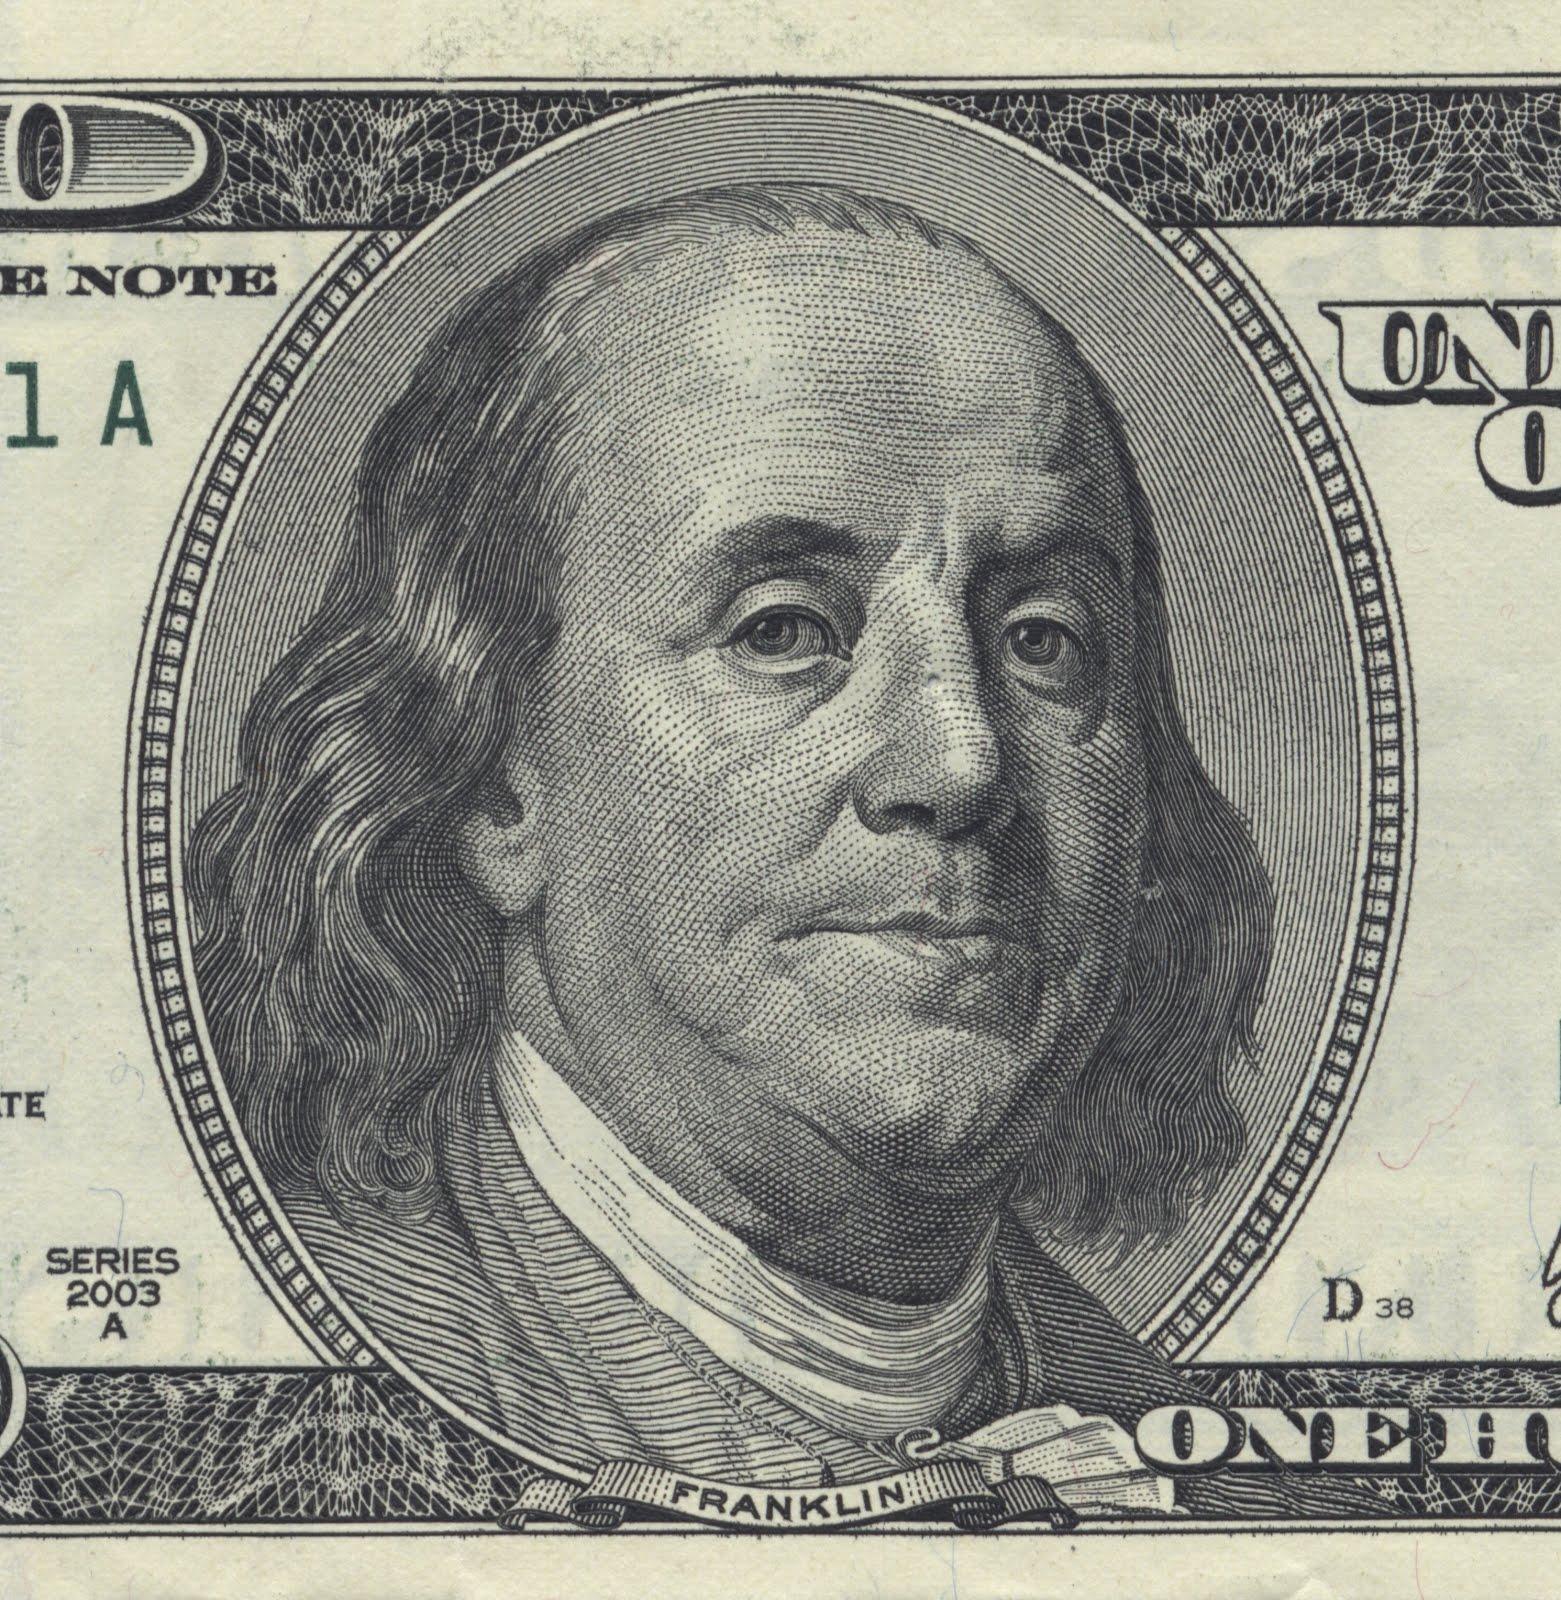 http://4.bp.blogspot.com/-Fe9fyNxjcc4/UN_f6zCj8cI/AAAAAAAA-ho/UzmrOQveZWA/s1600/Benjamin-Franklin-U.S.-%2524100-bill.jpg